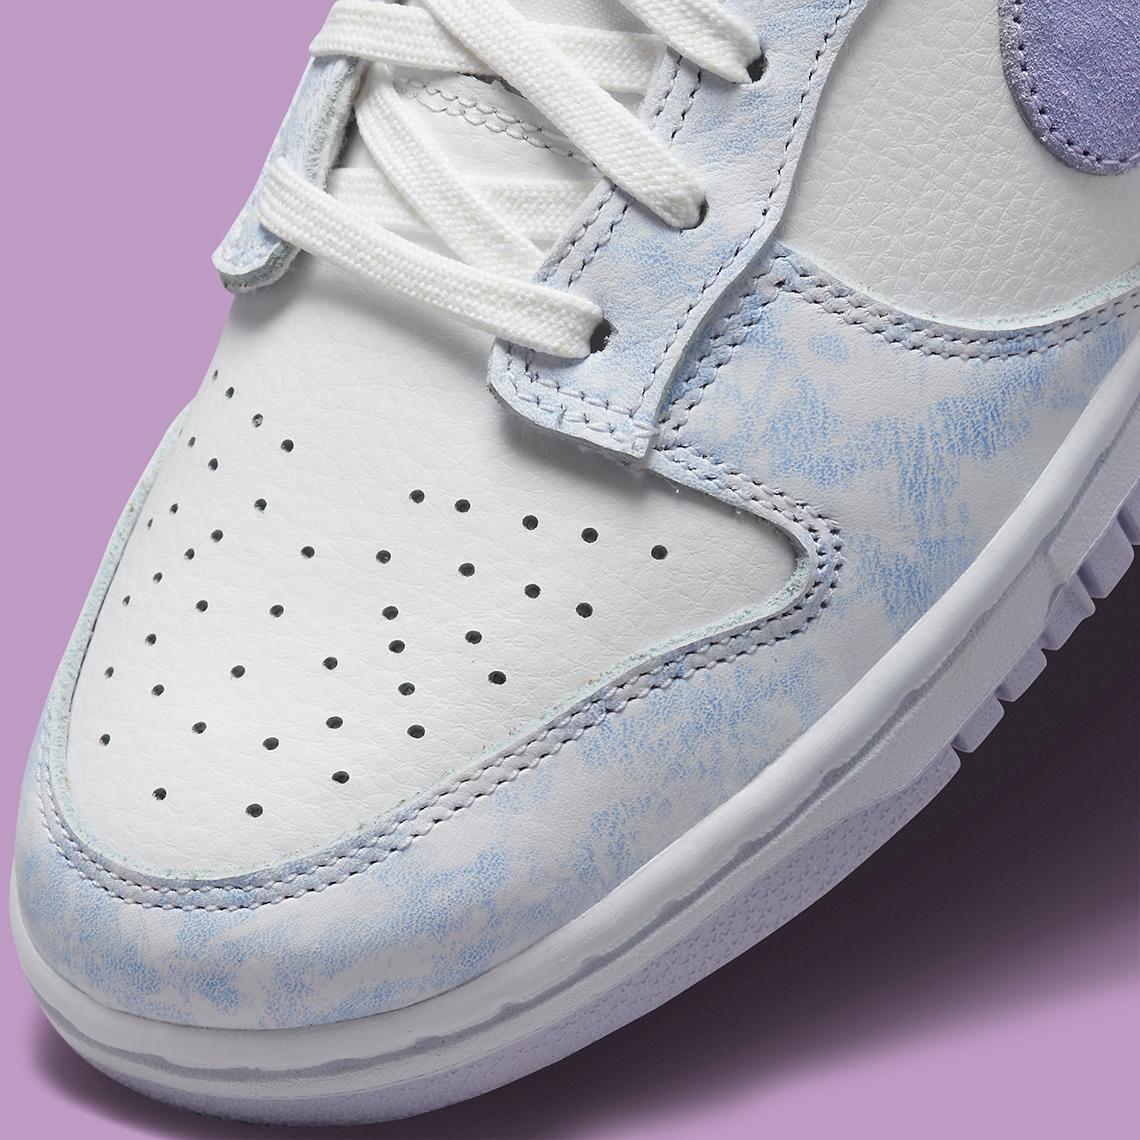 Nike Dunk Low ''Purple Pulse'' - DM9467-500